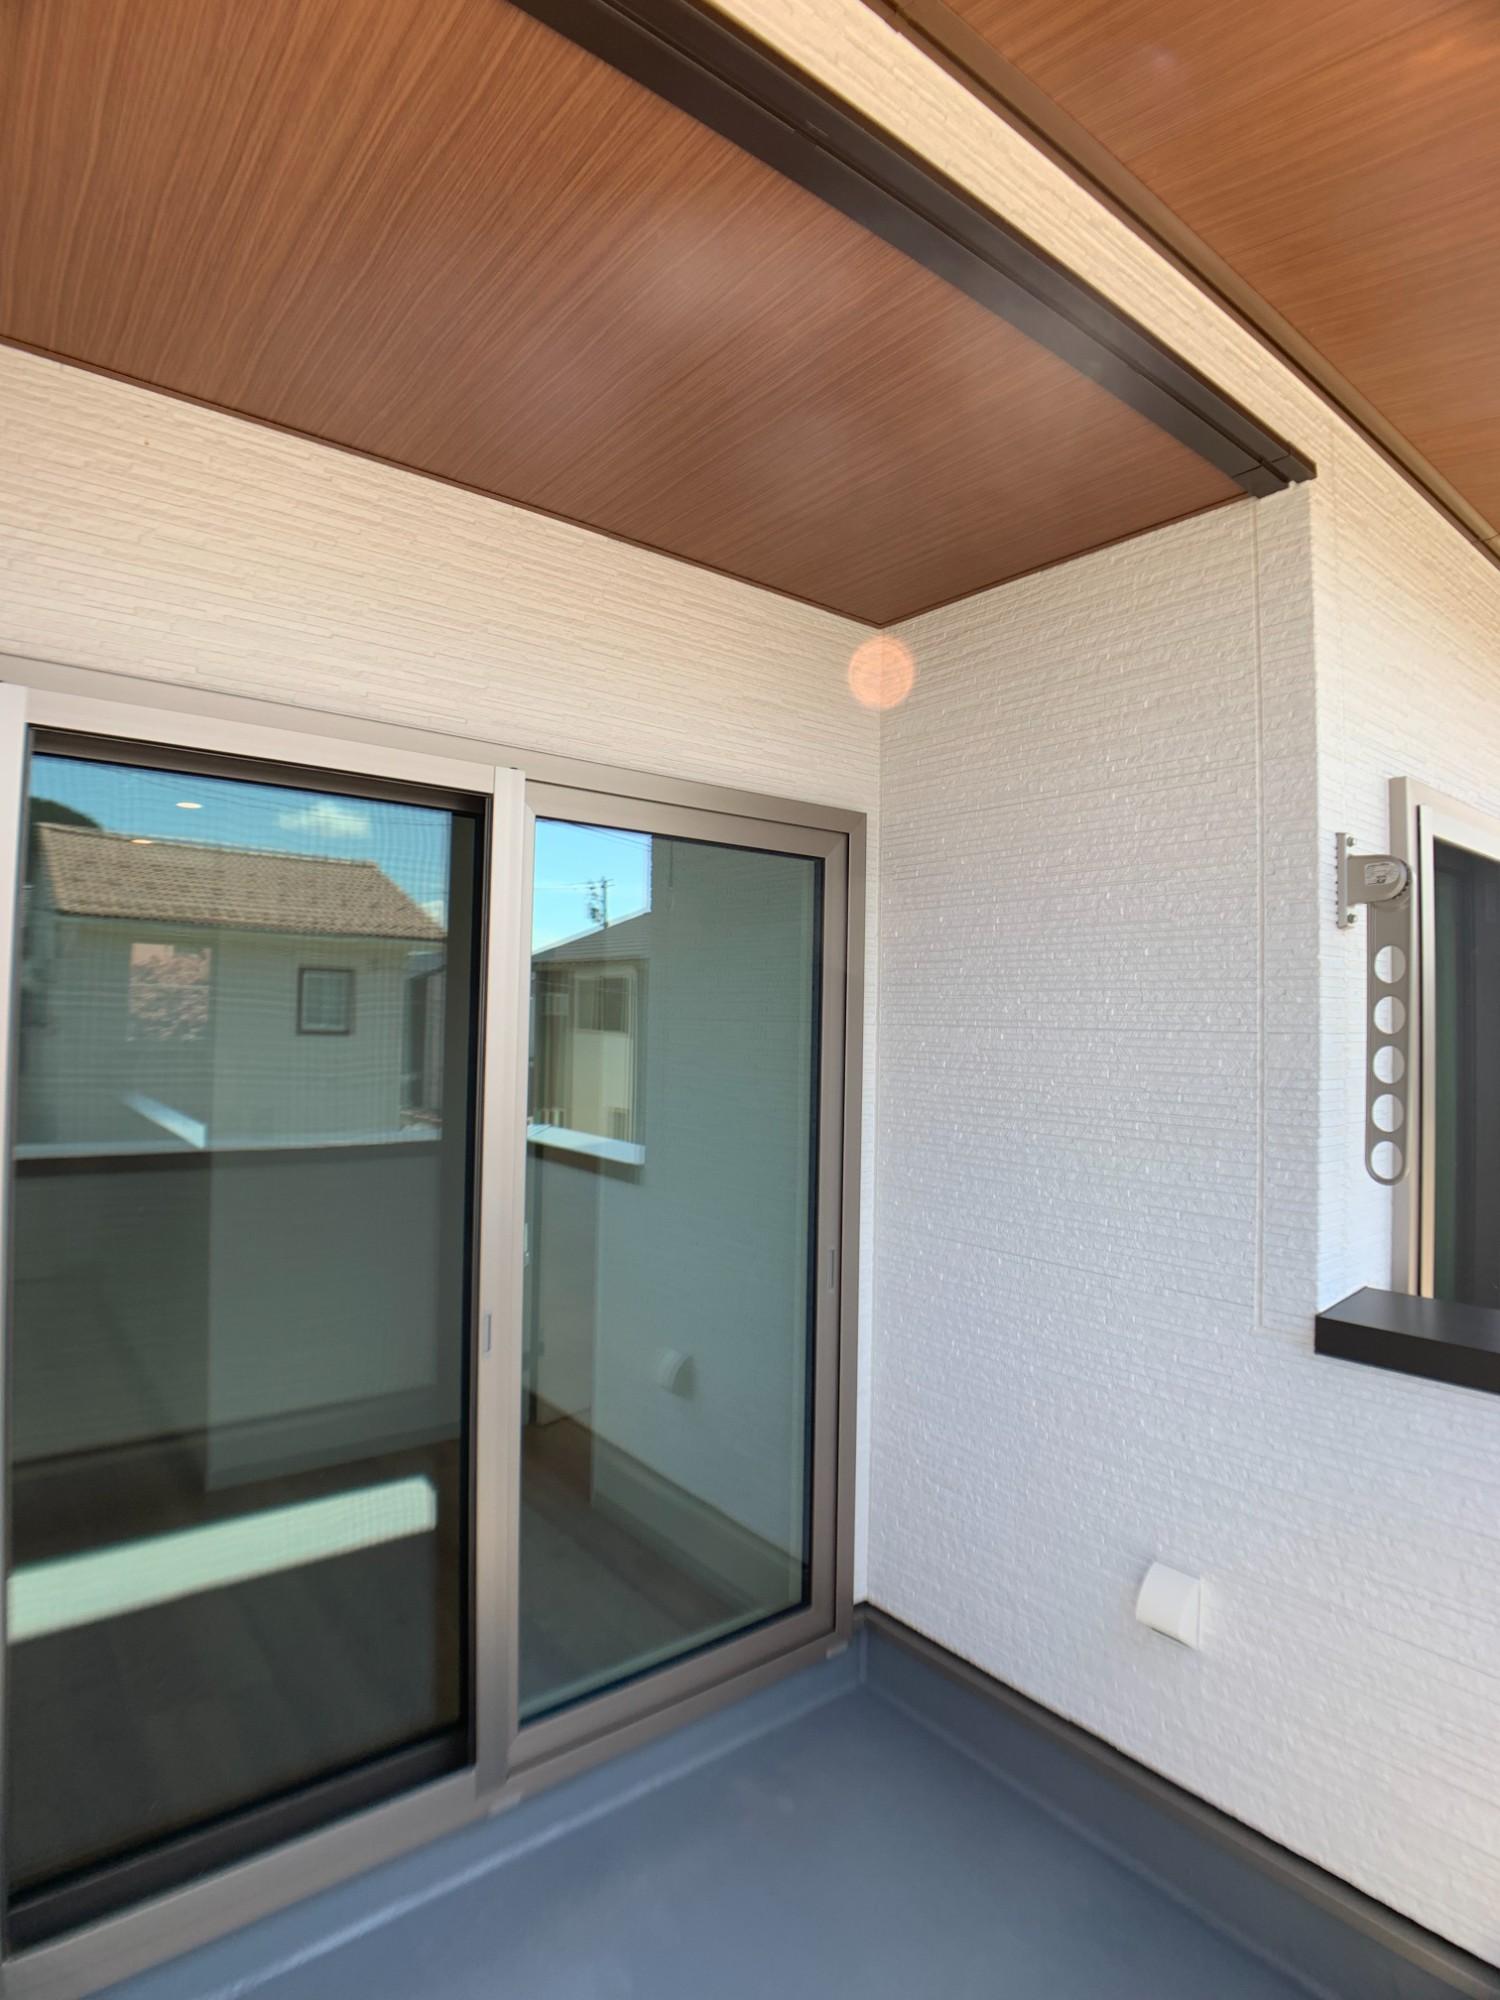 「【施工事例】新しい生活様式を取り入れた子育て世代の住宅」のベランダ・バルコニーの実例写真